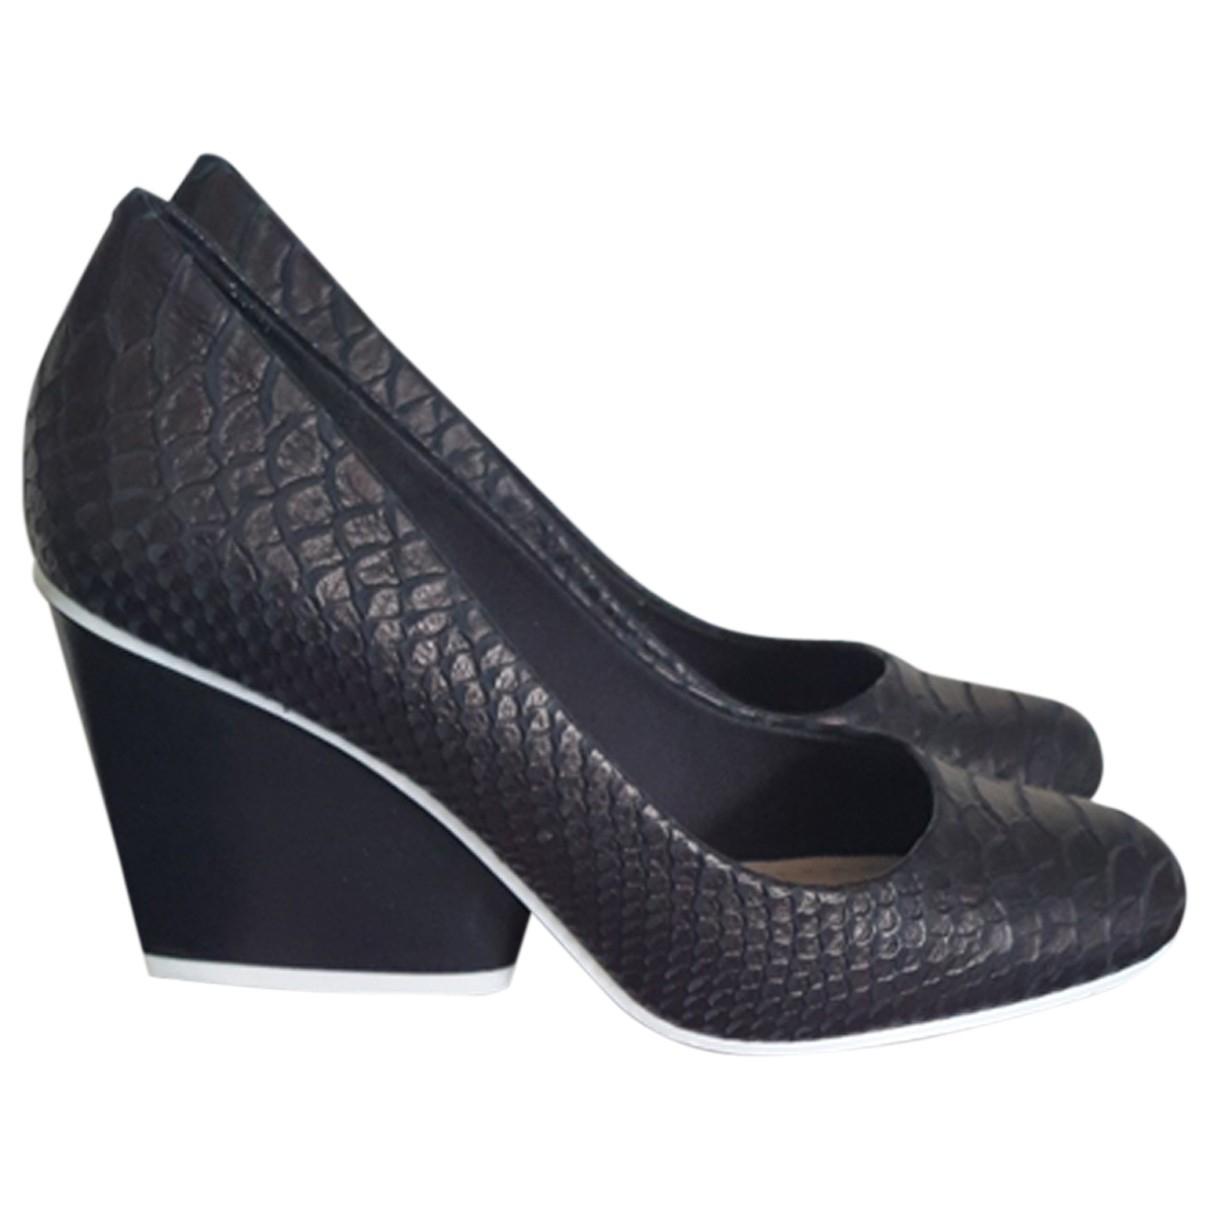 Clarks - Escarpins   pour femme en cuir - noir